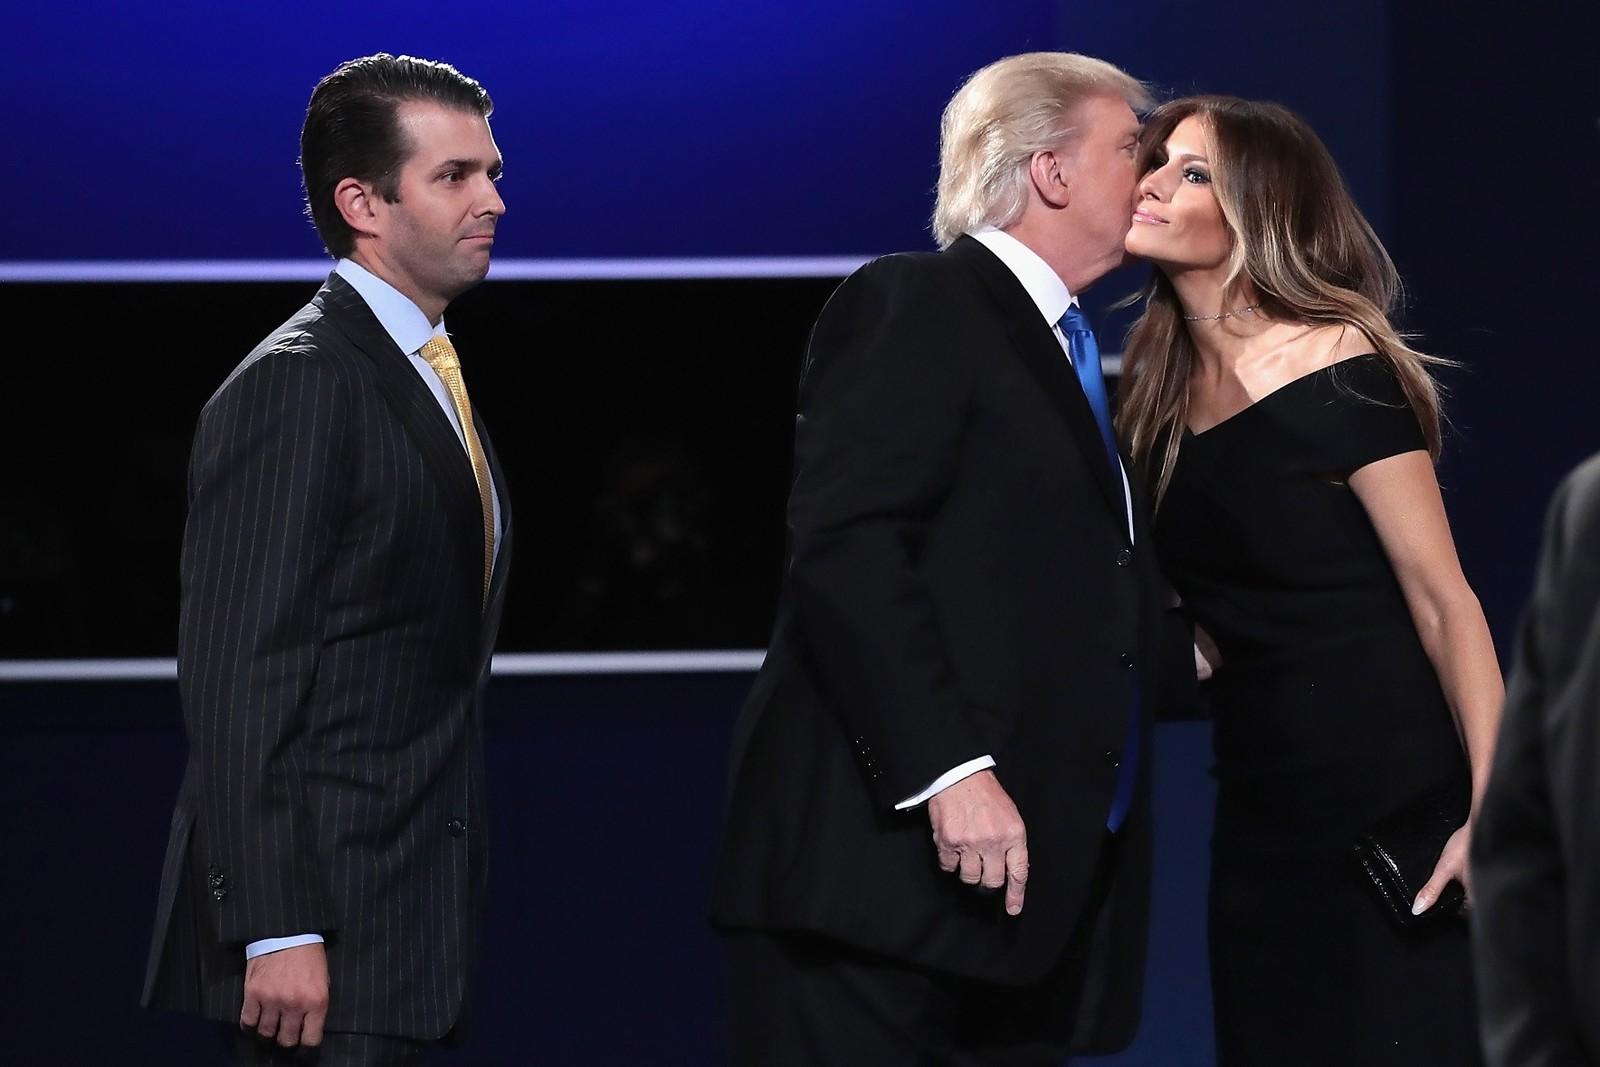 Trump kysset kona Melania Trump straks etter debatten. Til venstre står sønnen Donald Trump jr.